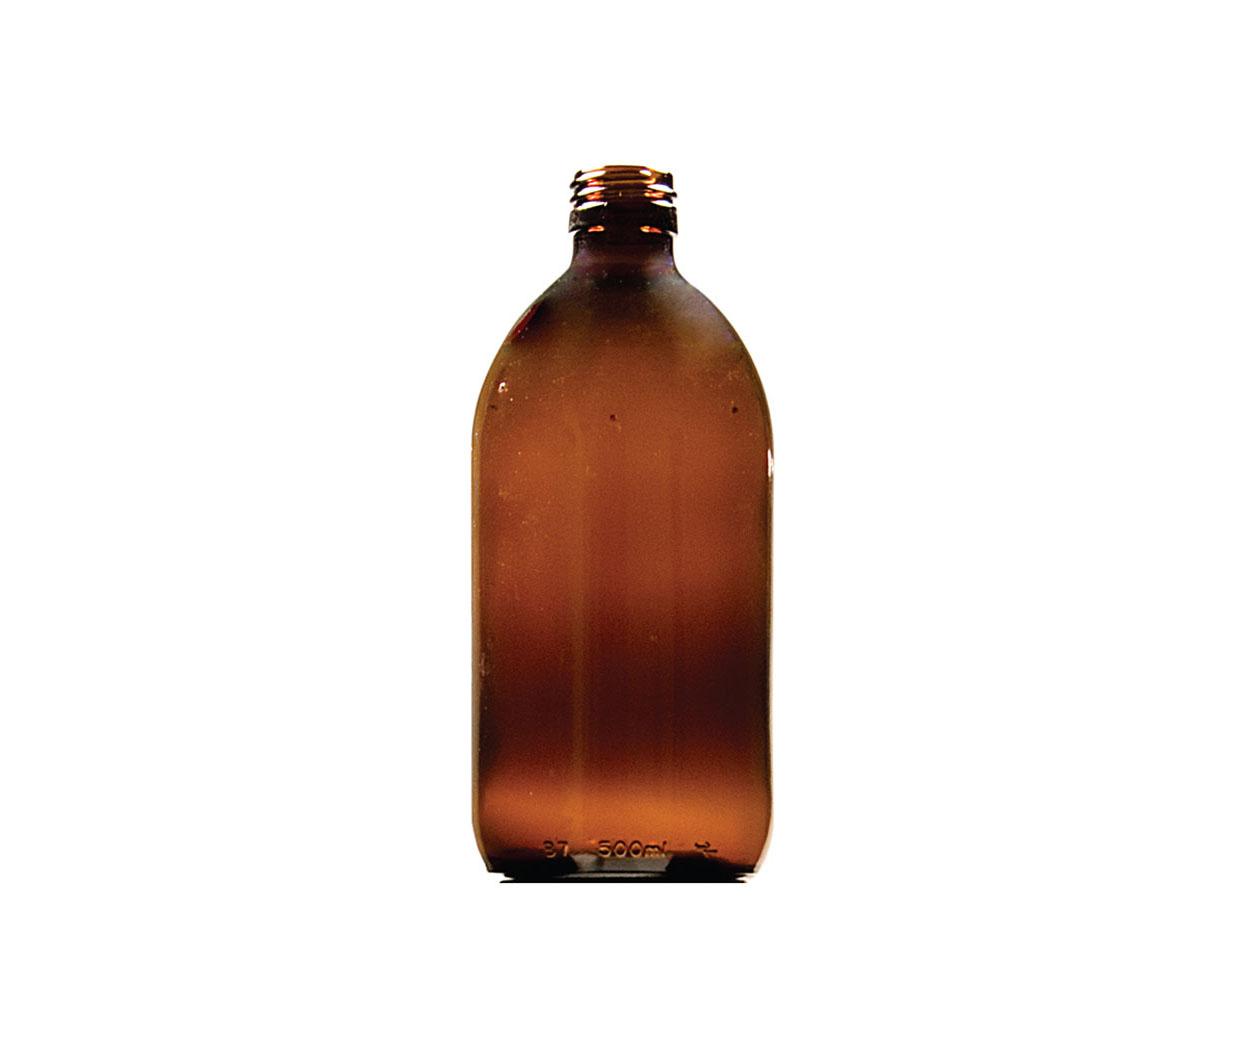 Lightweight 100ml Round Glass Medicine Bottle - Pack of 104